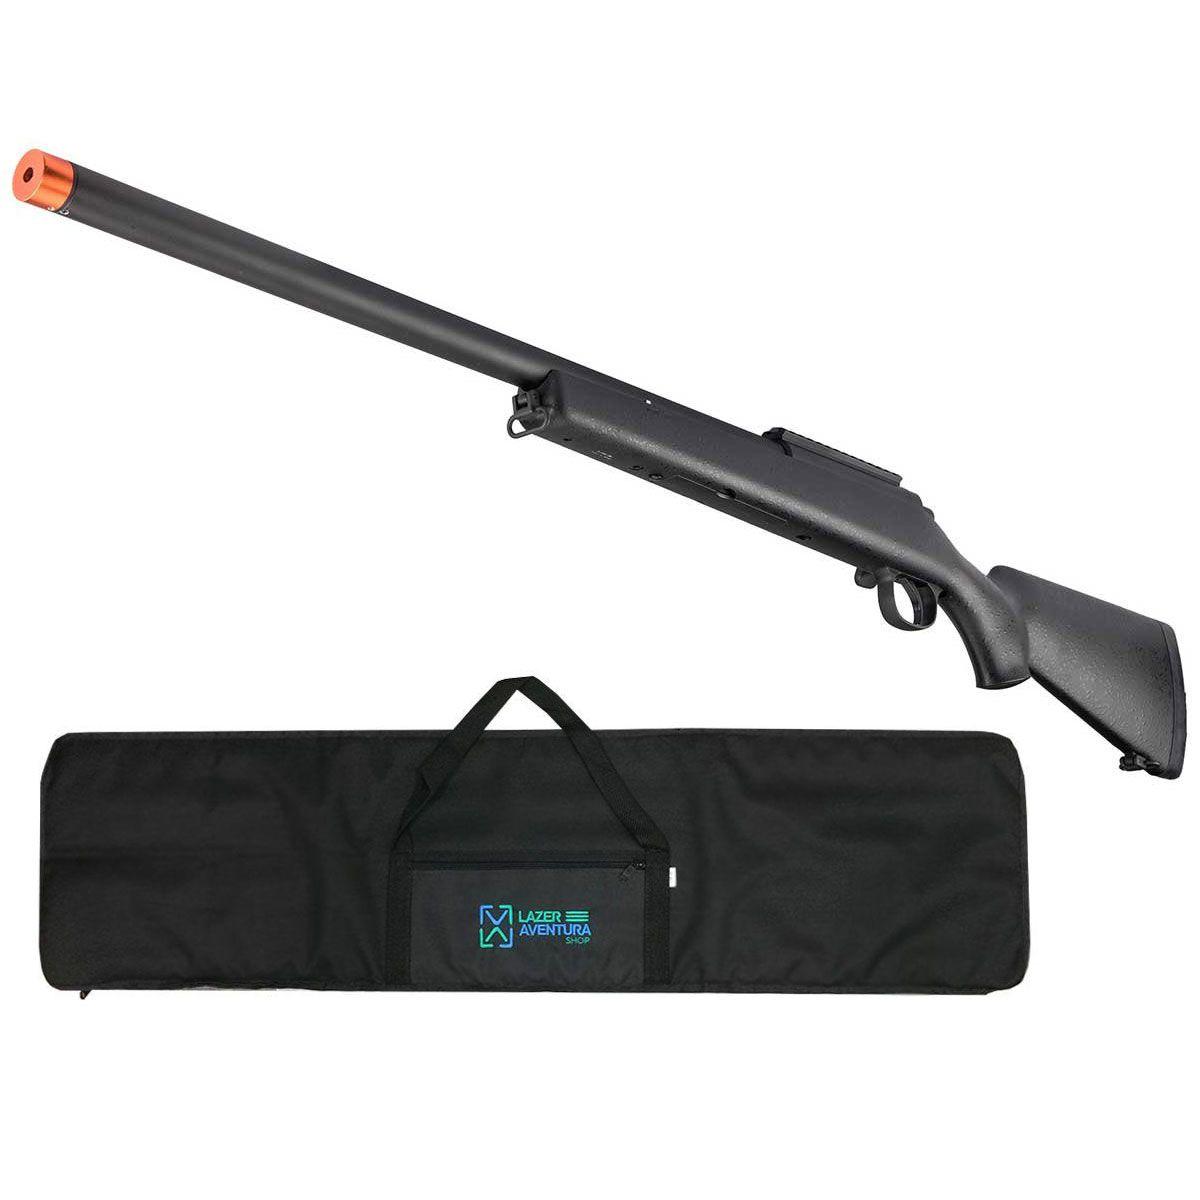 Kit Sniper Evo 6mm + Capa Lazer e Aventura